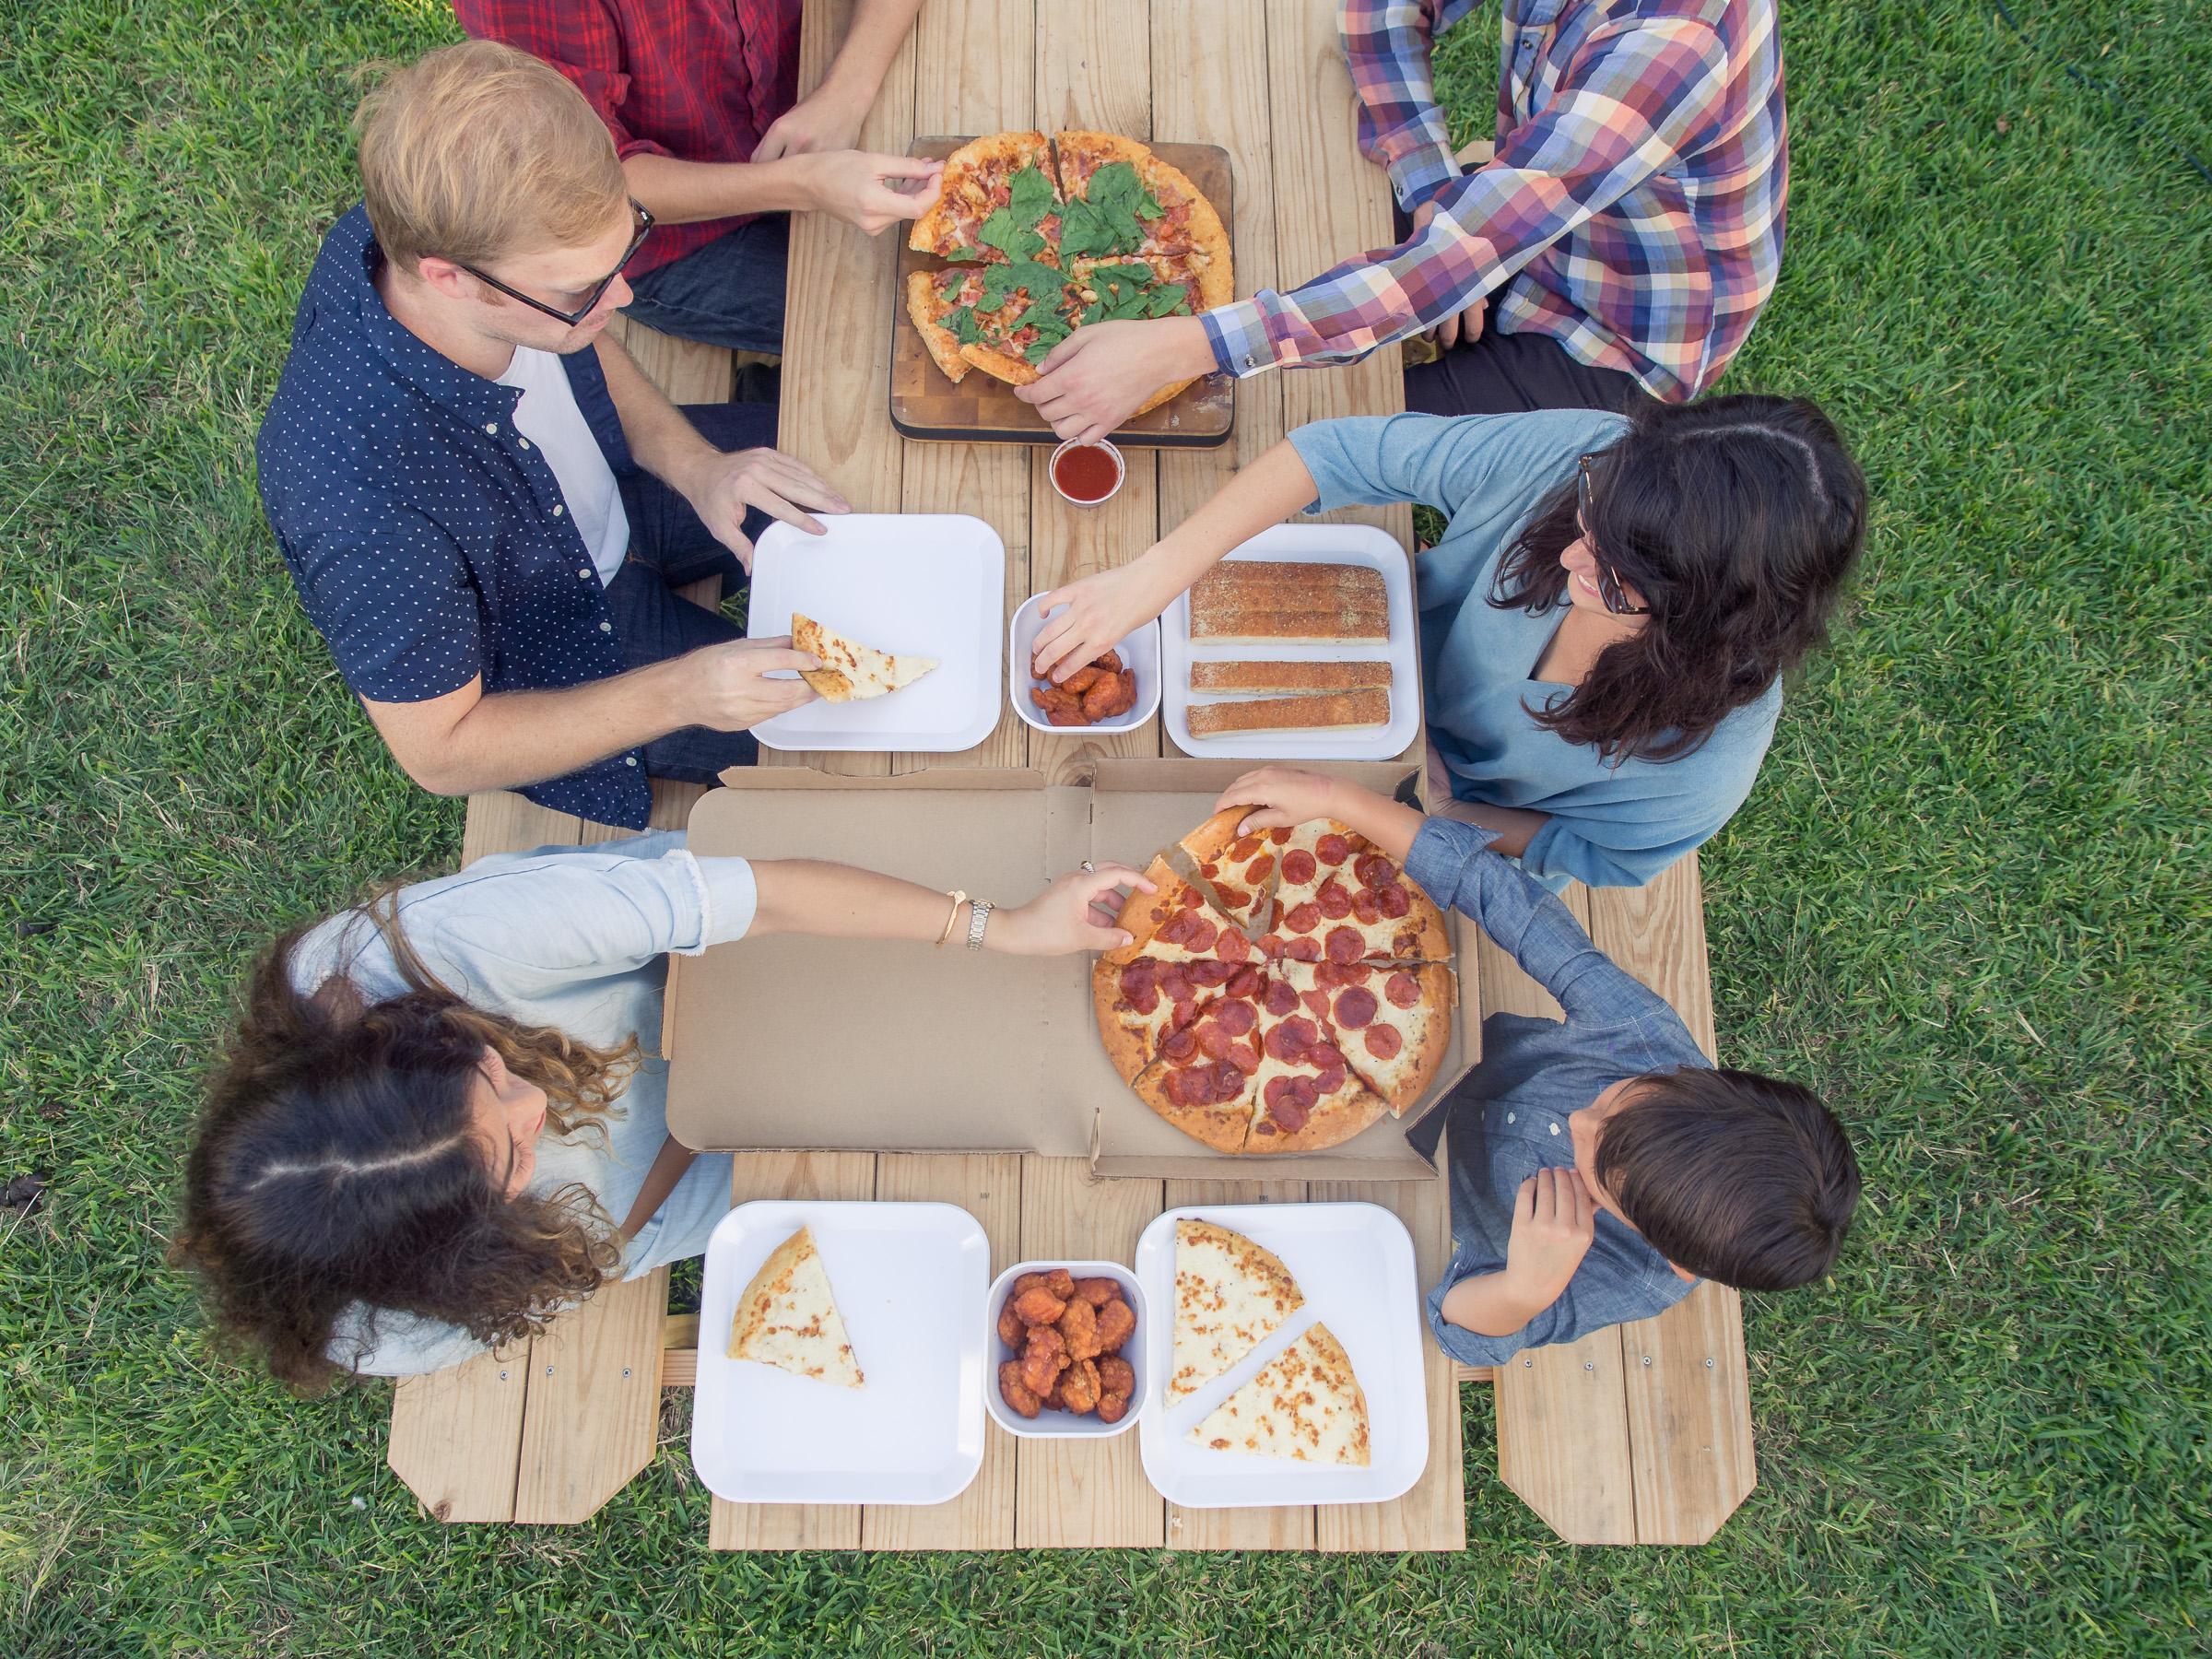 pizza hut football (7 of 14).jpg